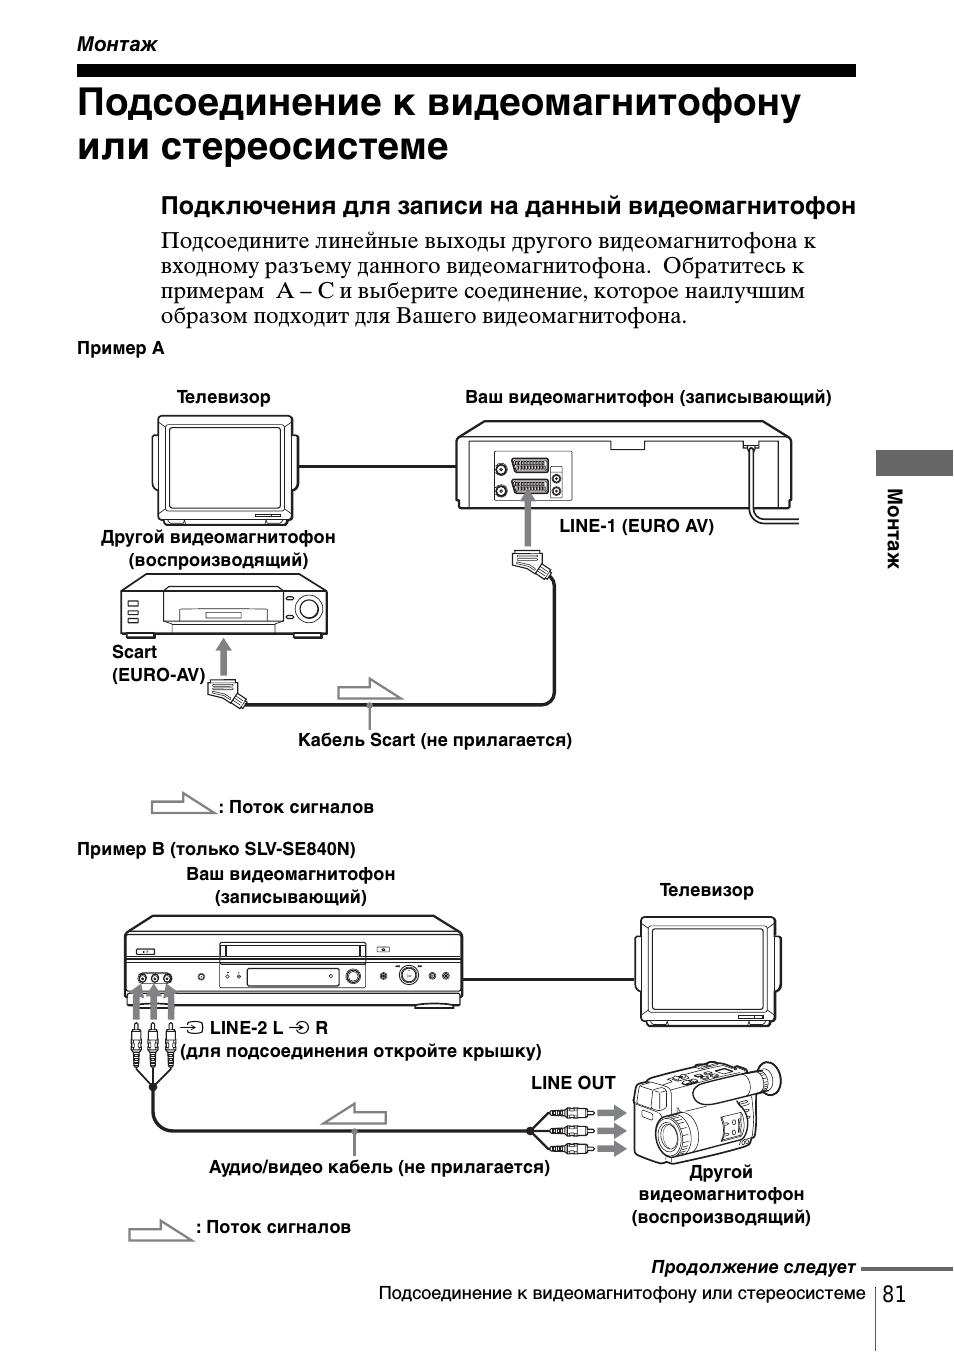 Монтаж, Подсоединение к видеомагнитофону или сте²еосистеме, Подсоединение к видеомагнитофону или стереосистеме